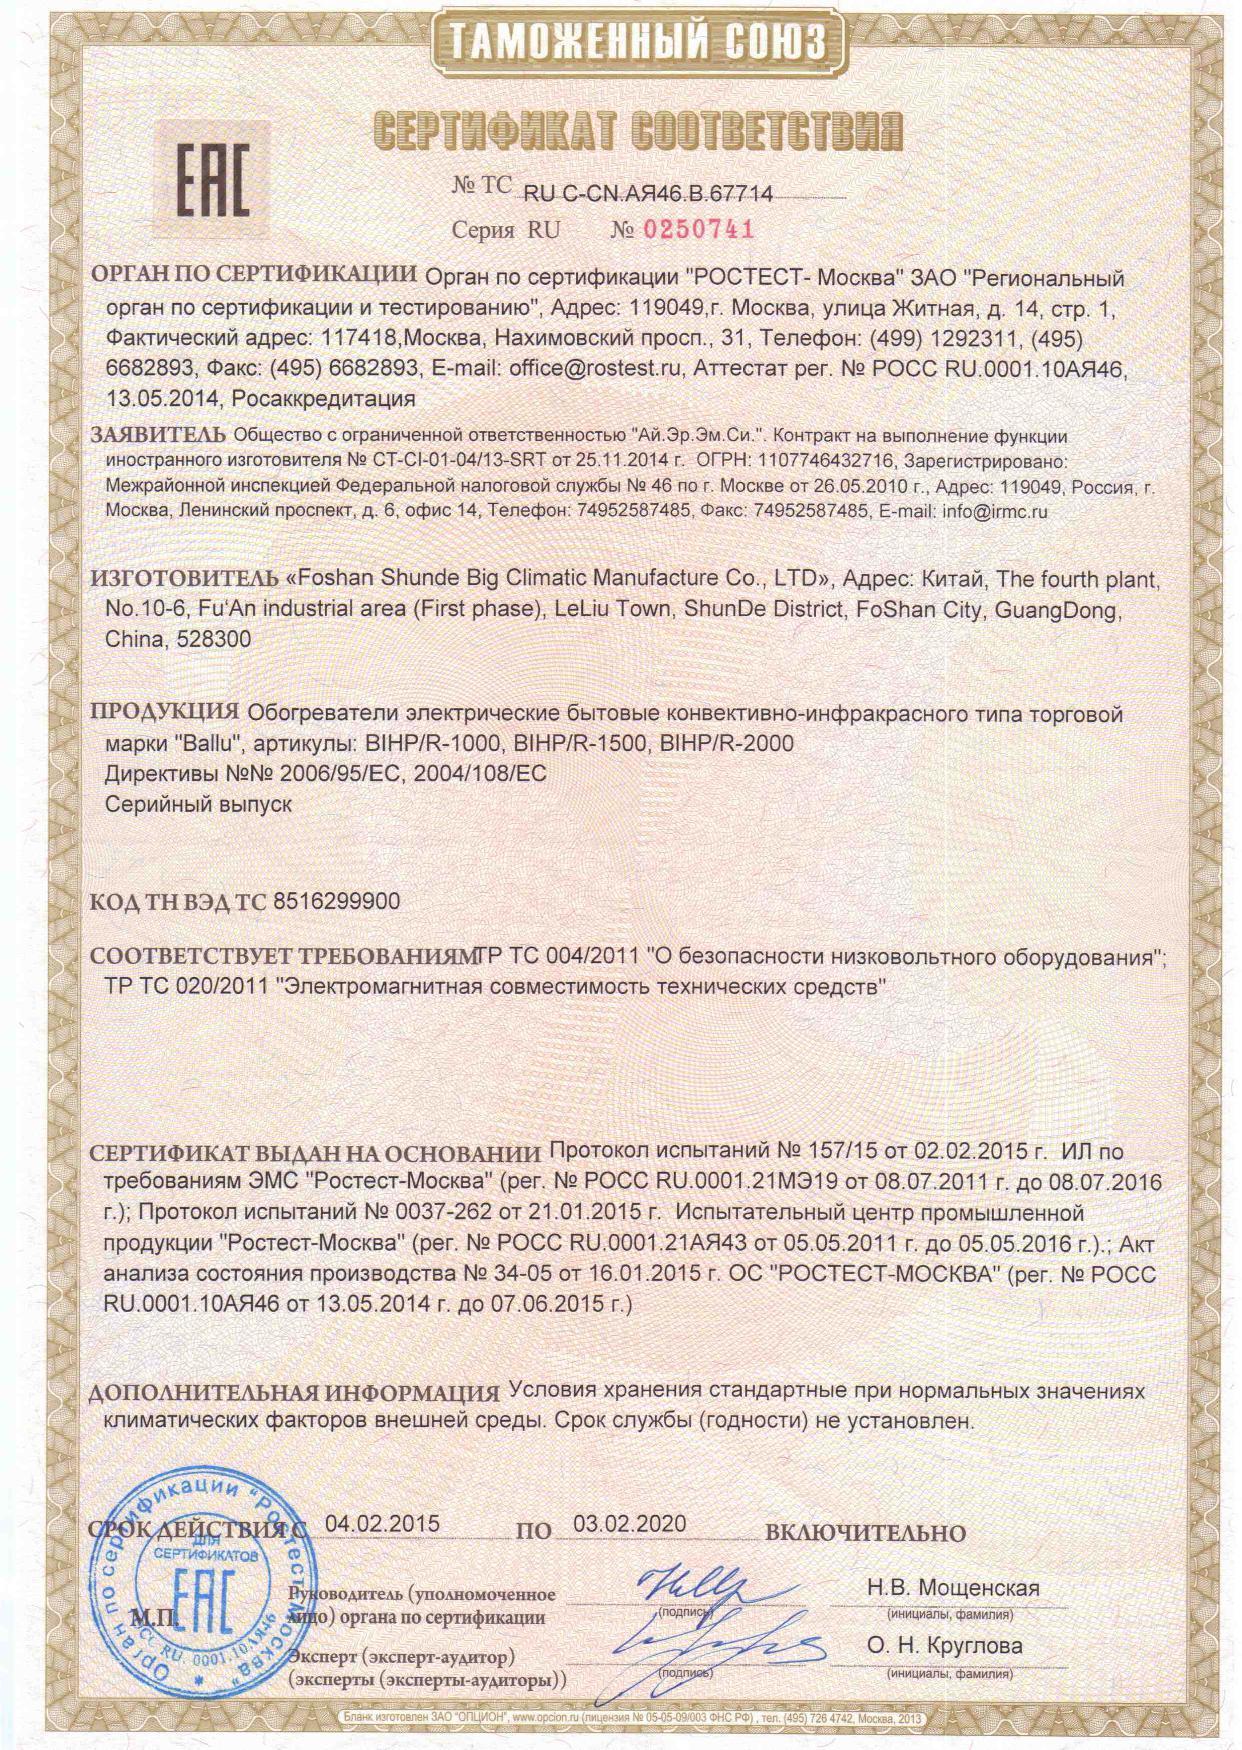 Сертификат соответствия обогревателей Ballu BIHP/R